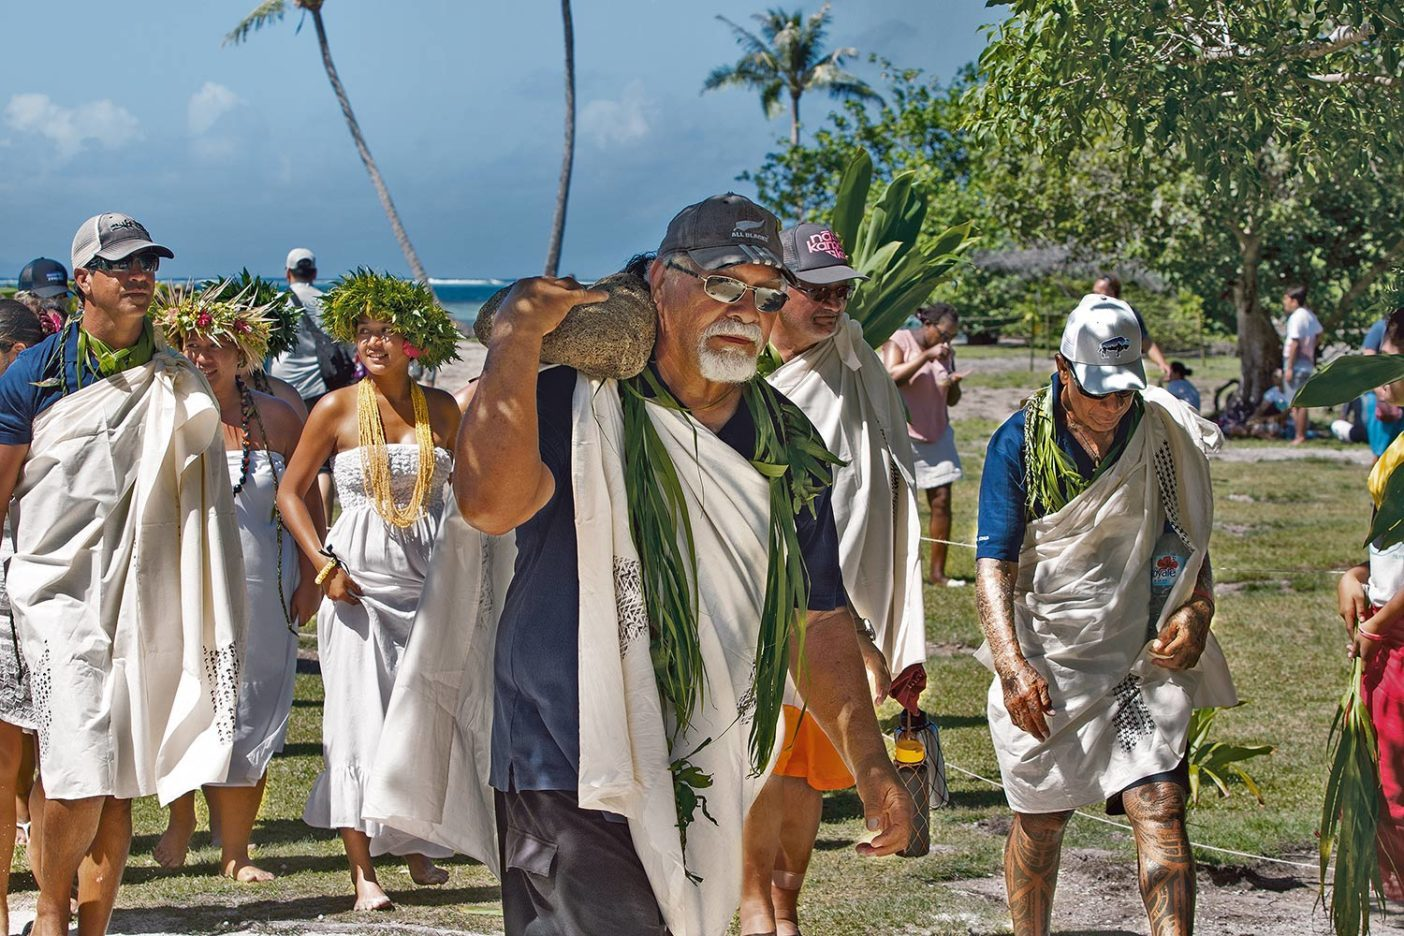 タプタプアテアでポハク(石)を担ぐジョン・クルース。彼はカウアイ島で72フィート(約22メートル)の双胴型航海カヌー「ナマホエ号」の建設に貢献した人物。Photo: John Bilderback